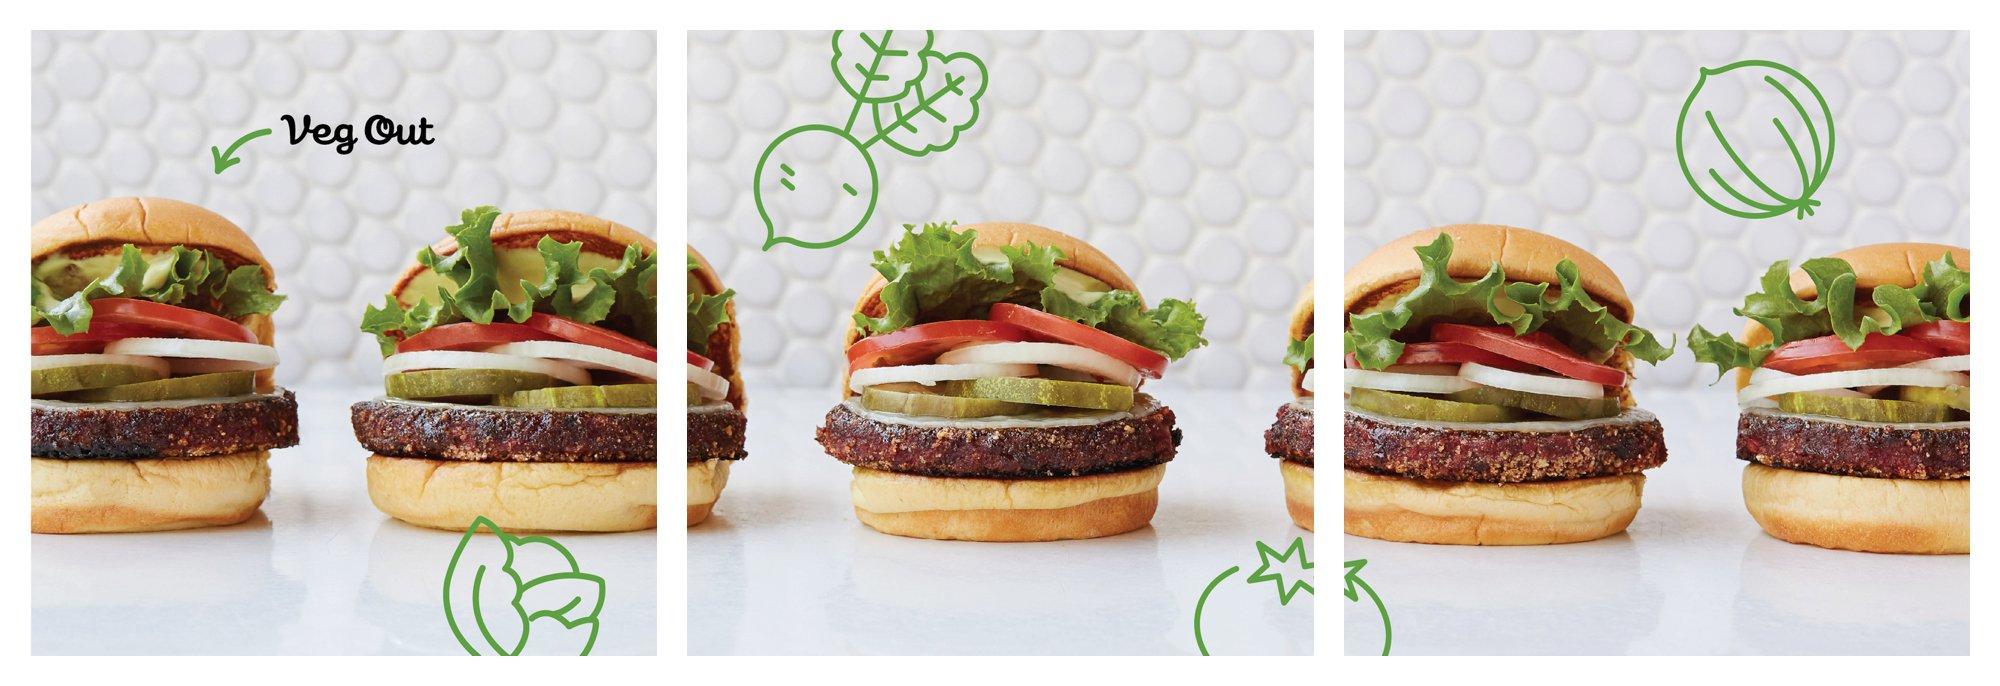 shake-shack-veggieburger-christine-han-photography.jpg